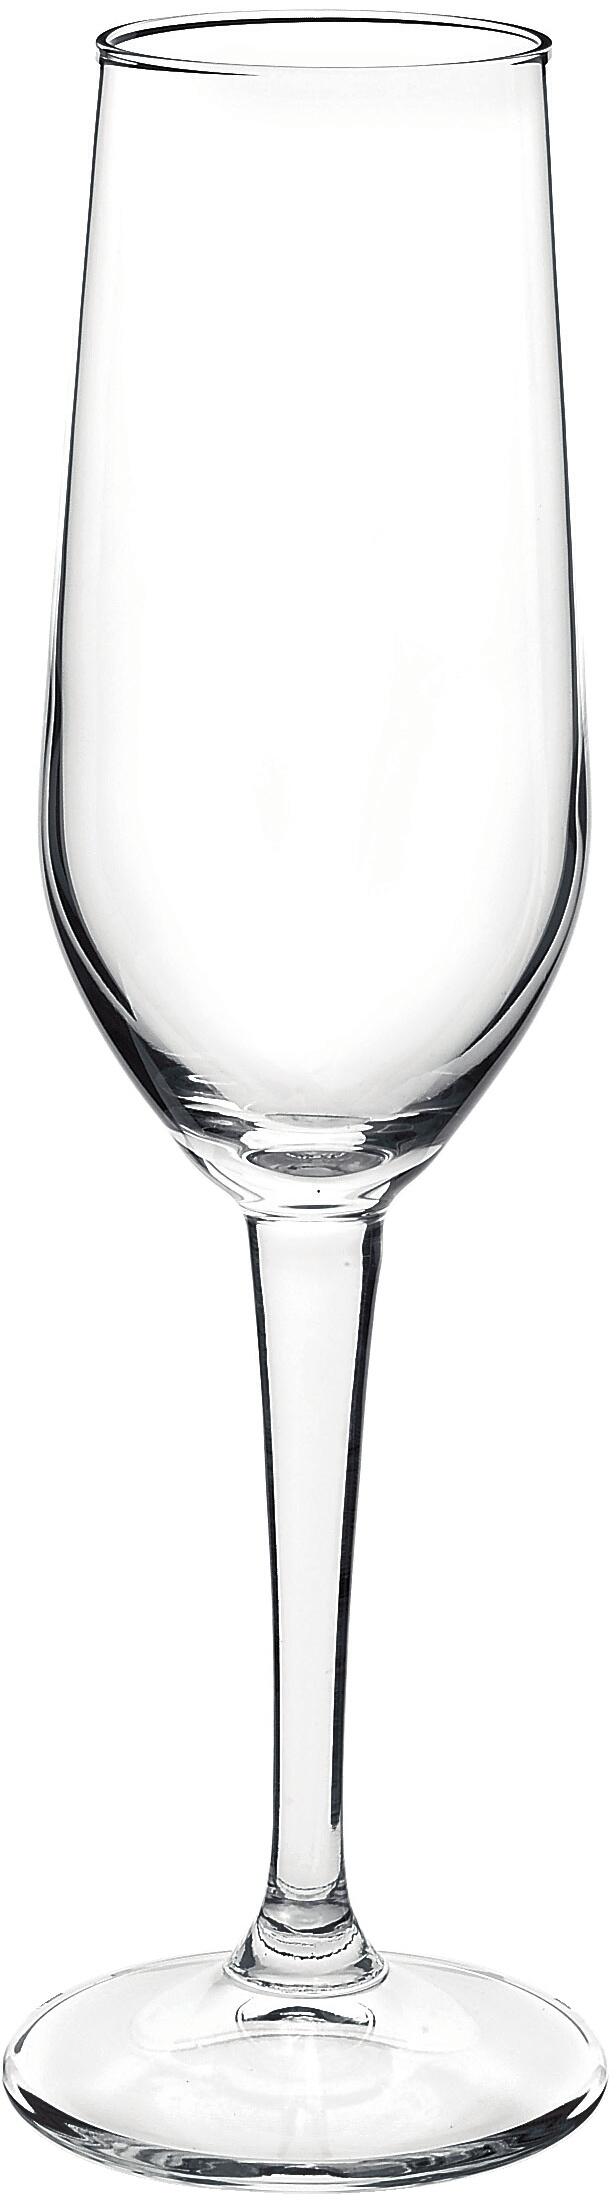 Bormioli Rocco Riserva Champagne Flute, Set of 6